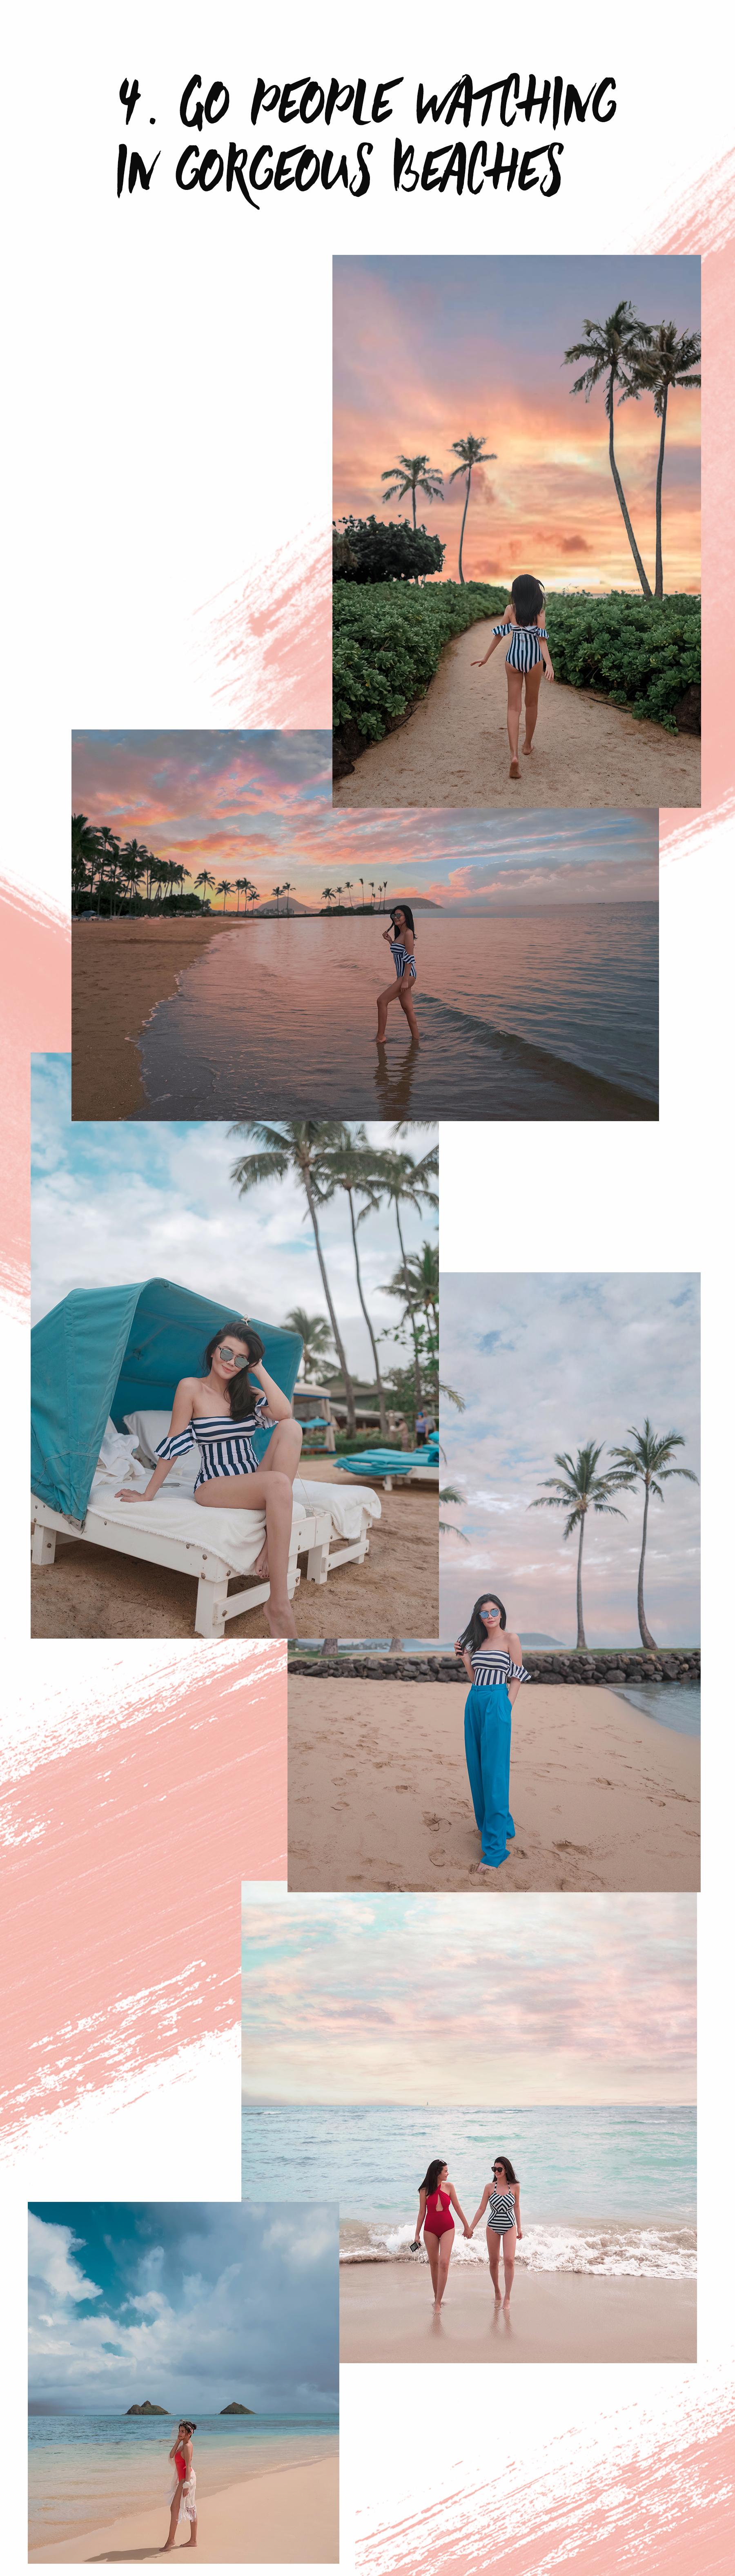 VV Hawaii 4